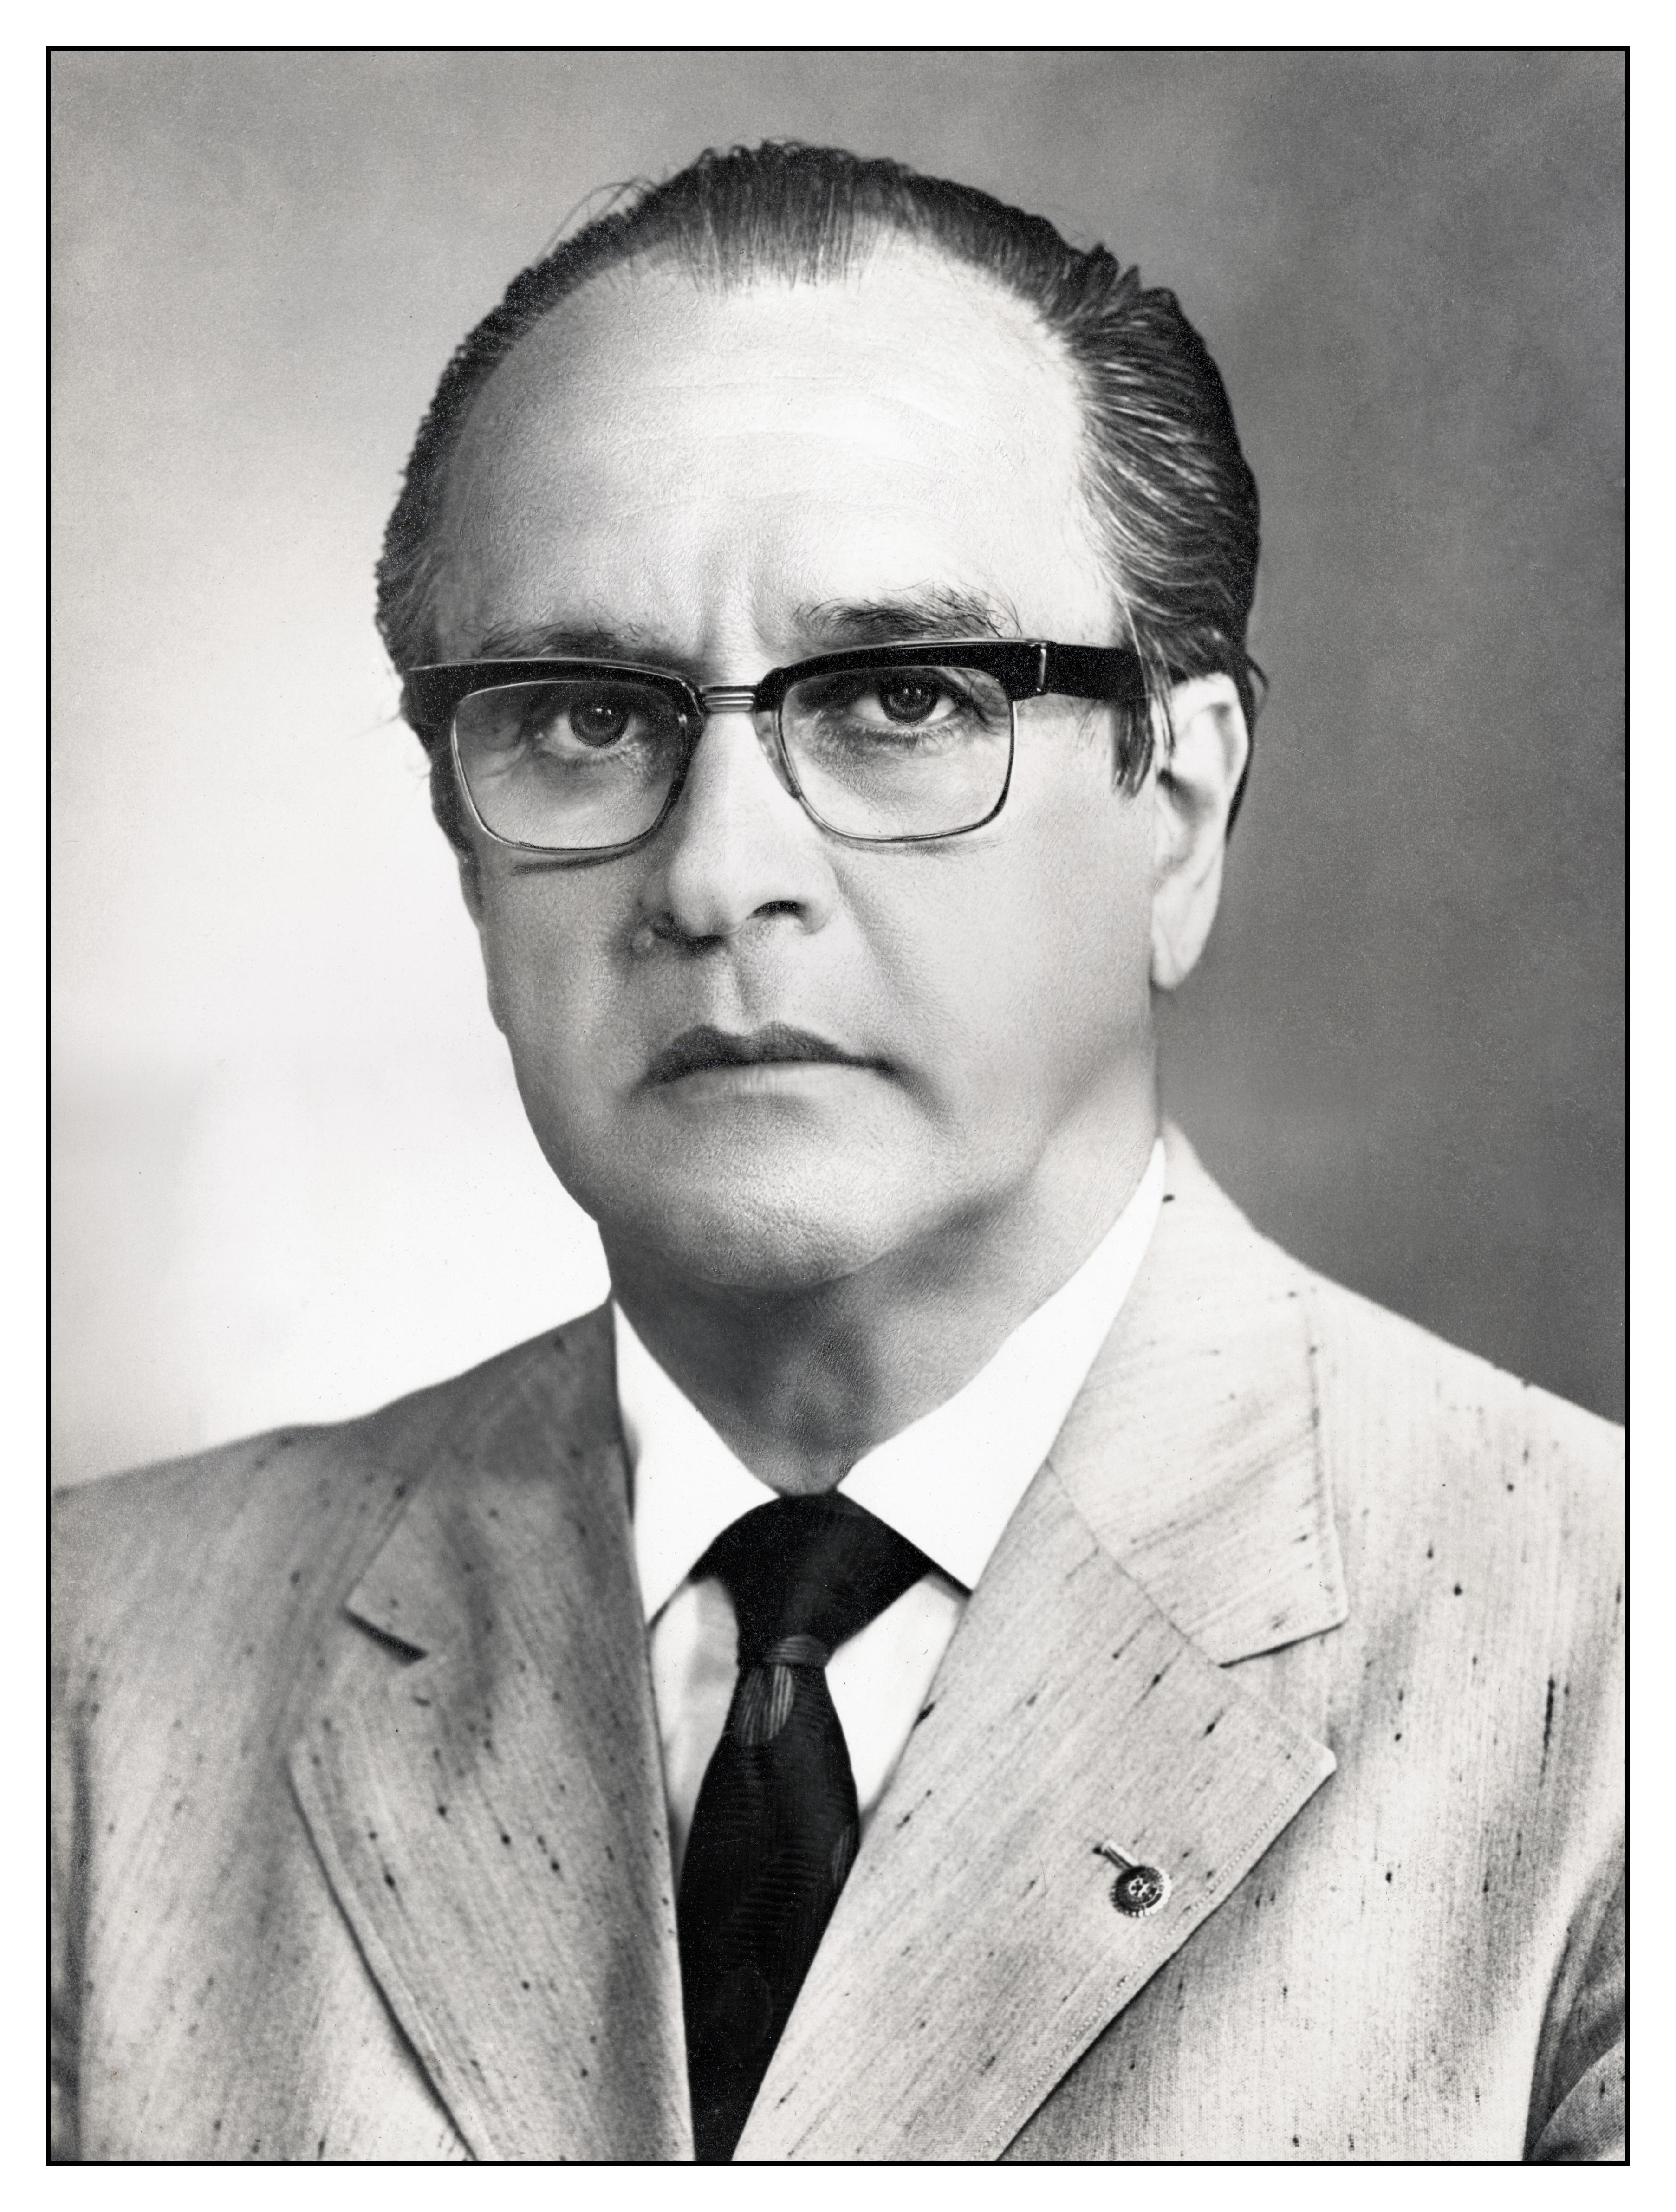 Luiz Phelippe Saldanha da Gama Murgel